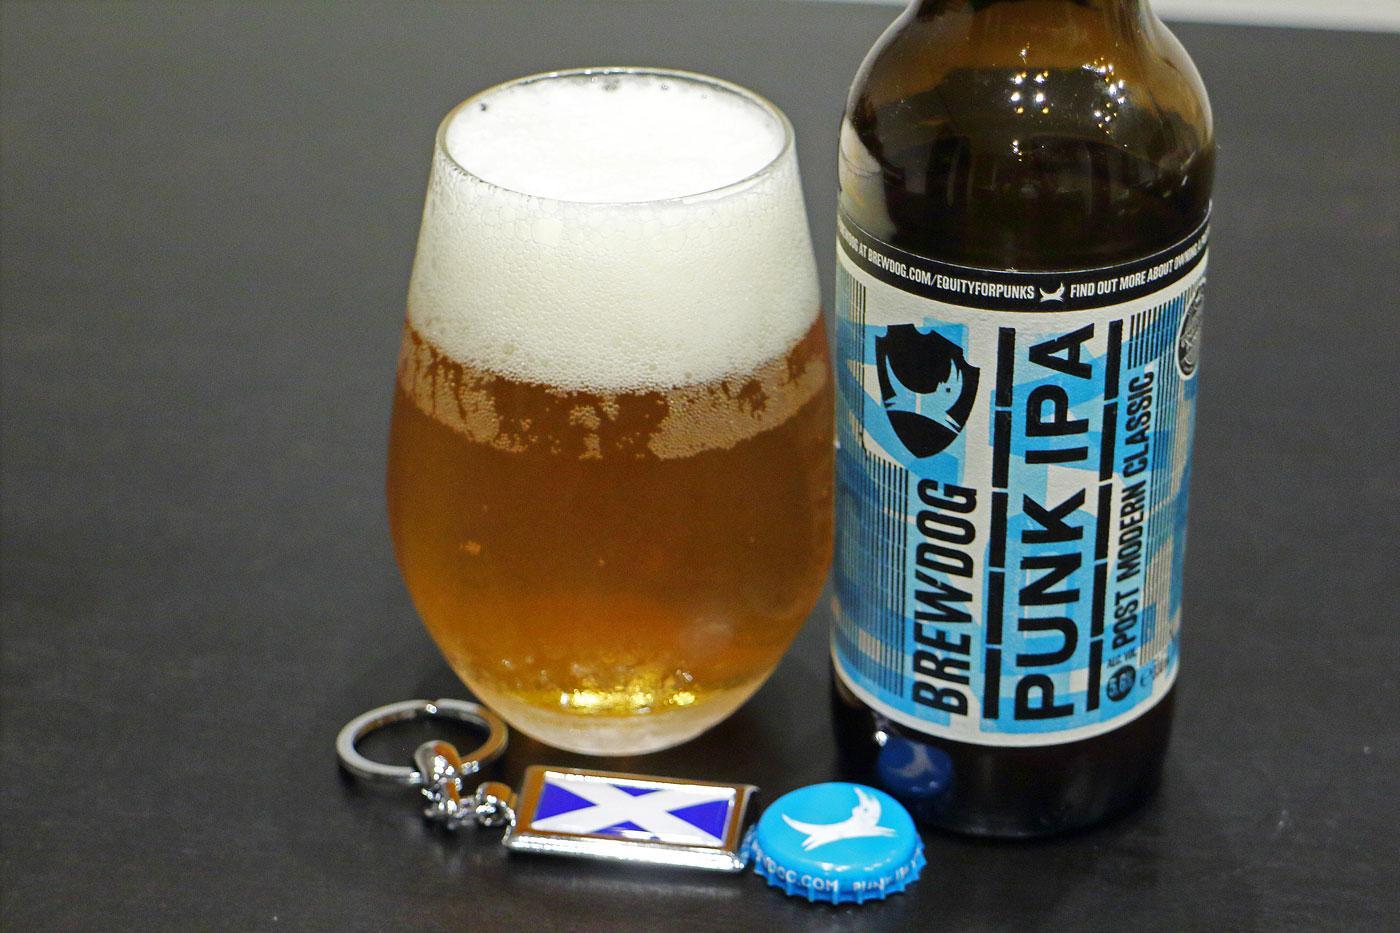 スコットランドのビール「パンクIPA」堪能!【世界遺産とビールと私】